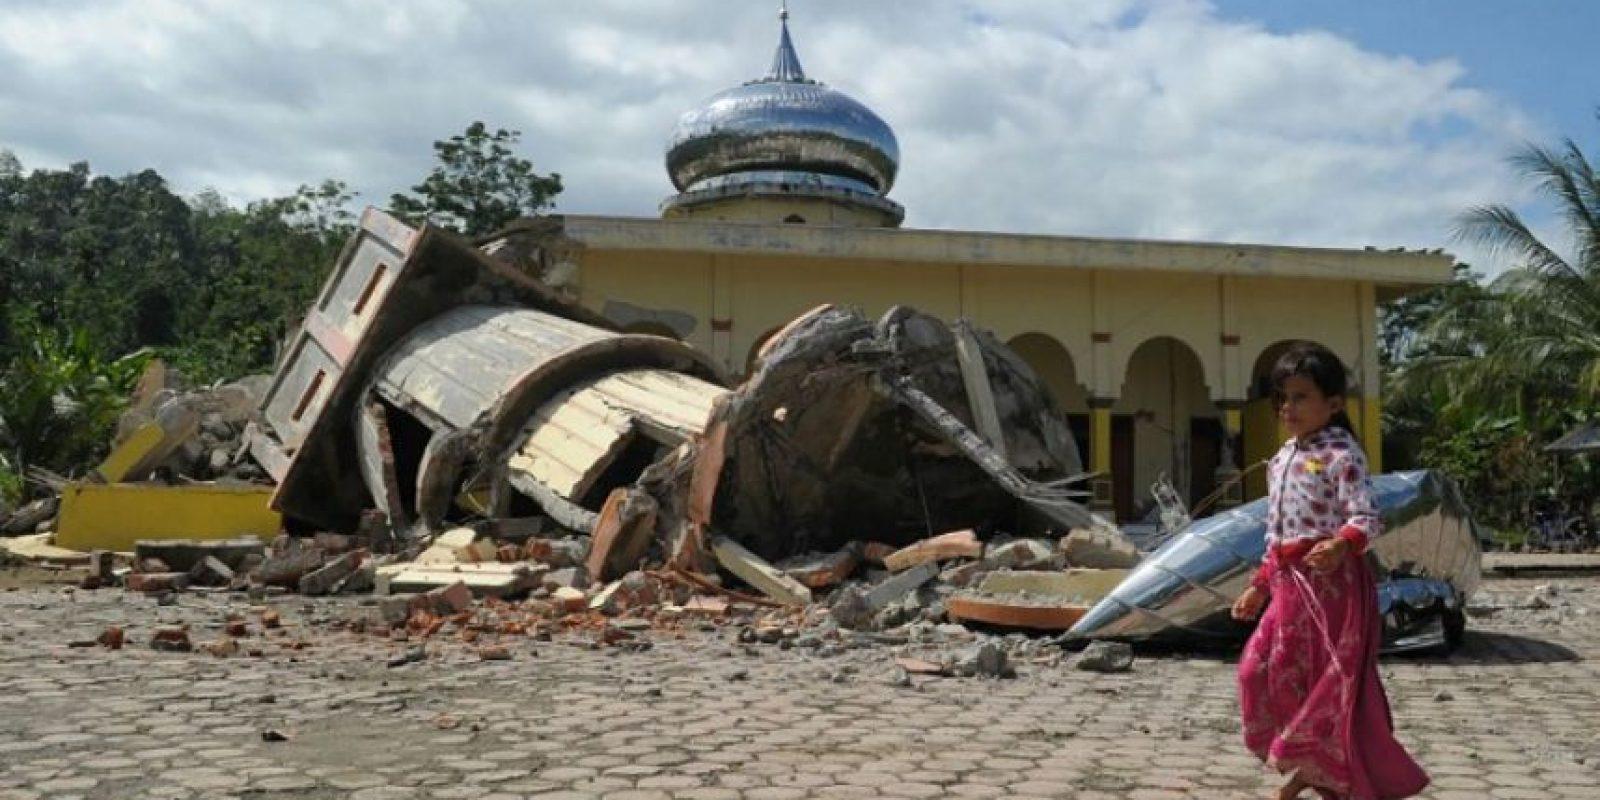 Un balance anterior daba cuenta de 52 muertos, 73 heridos graves y 200 heridos leves. Foto:Afp. Imagen Por: